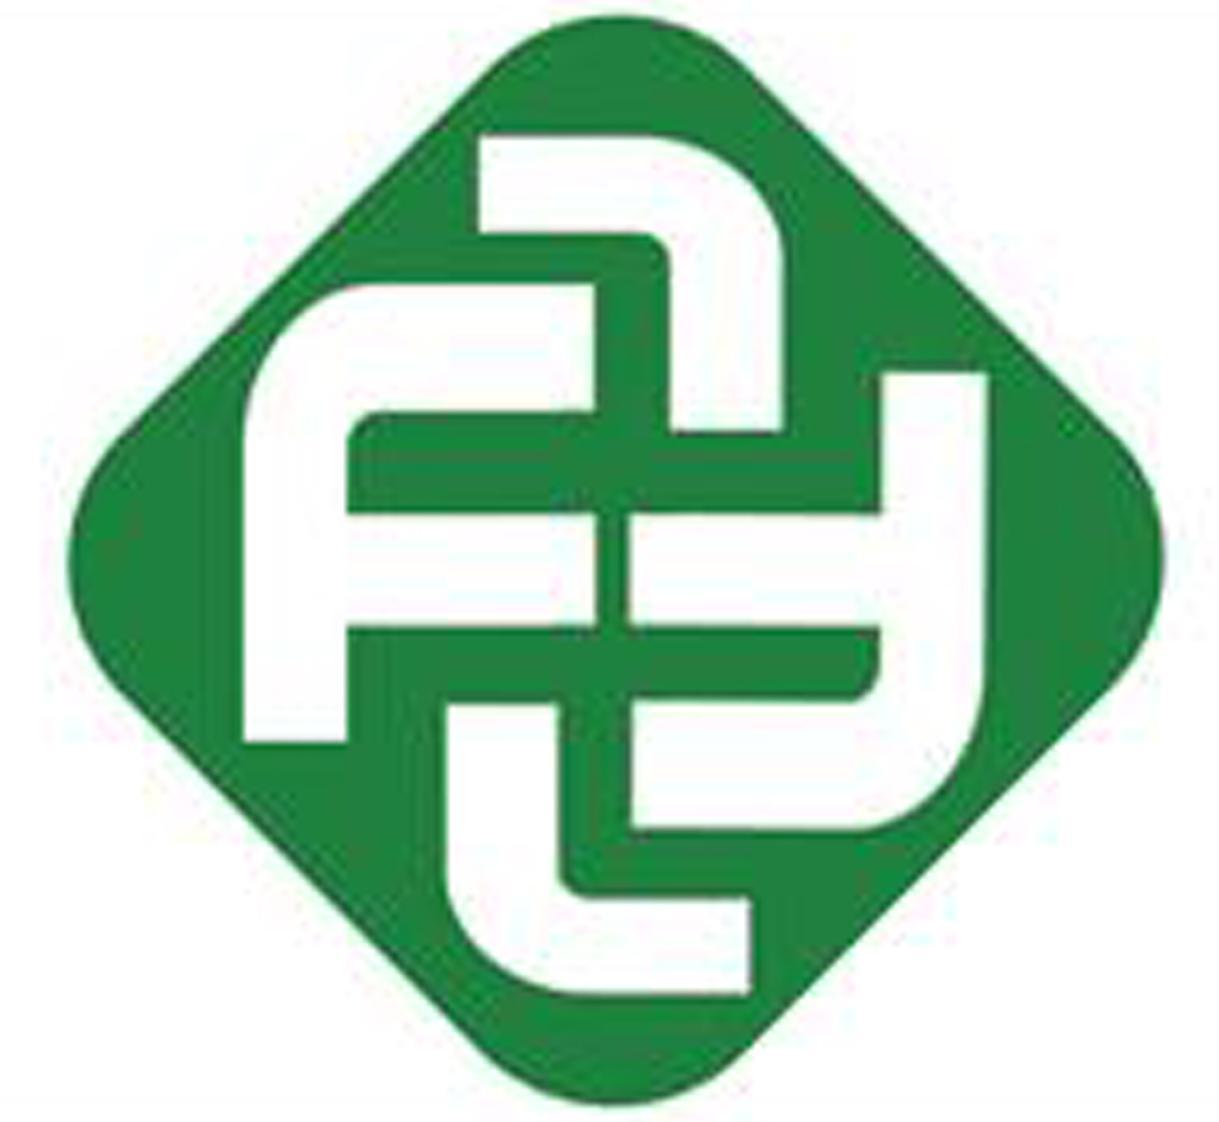 Công ty Cổ phần Công nghiệp Nhựa Phú Lâm